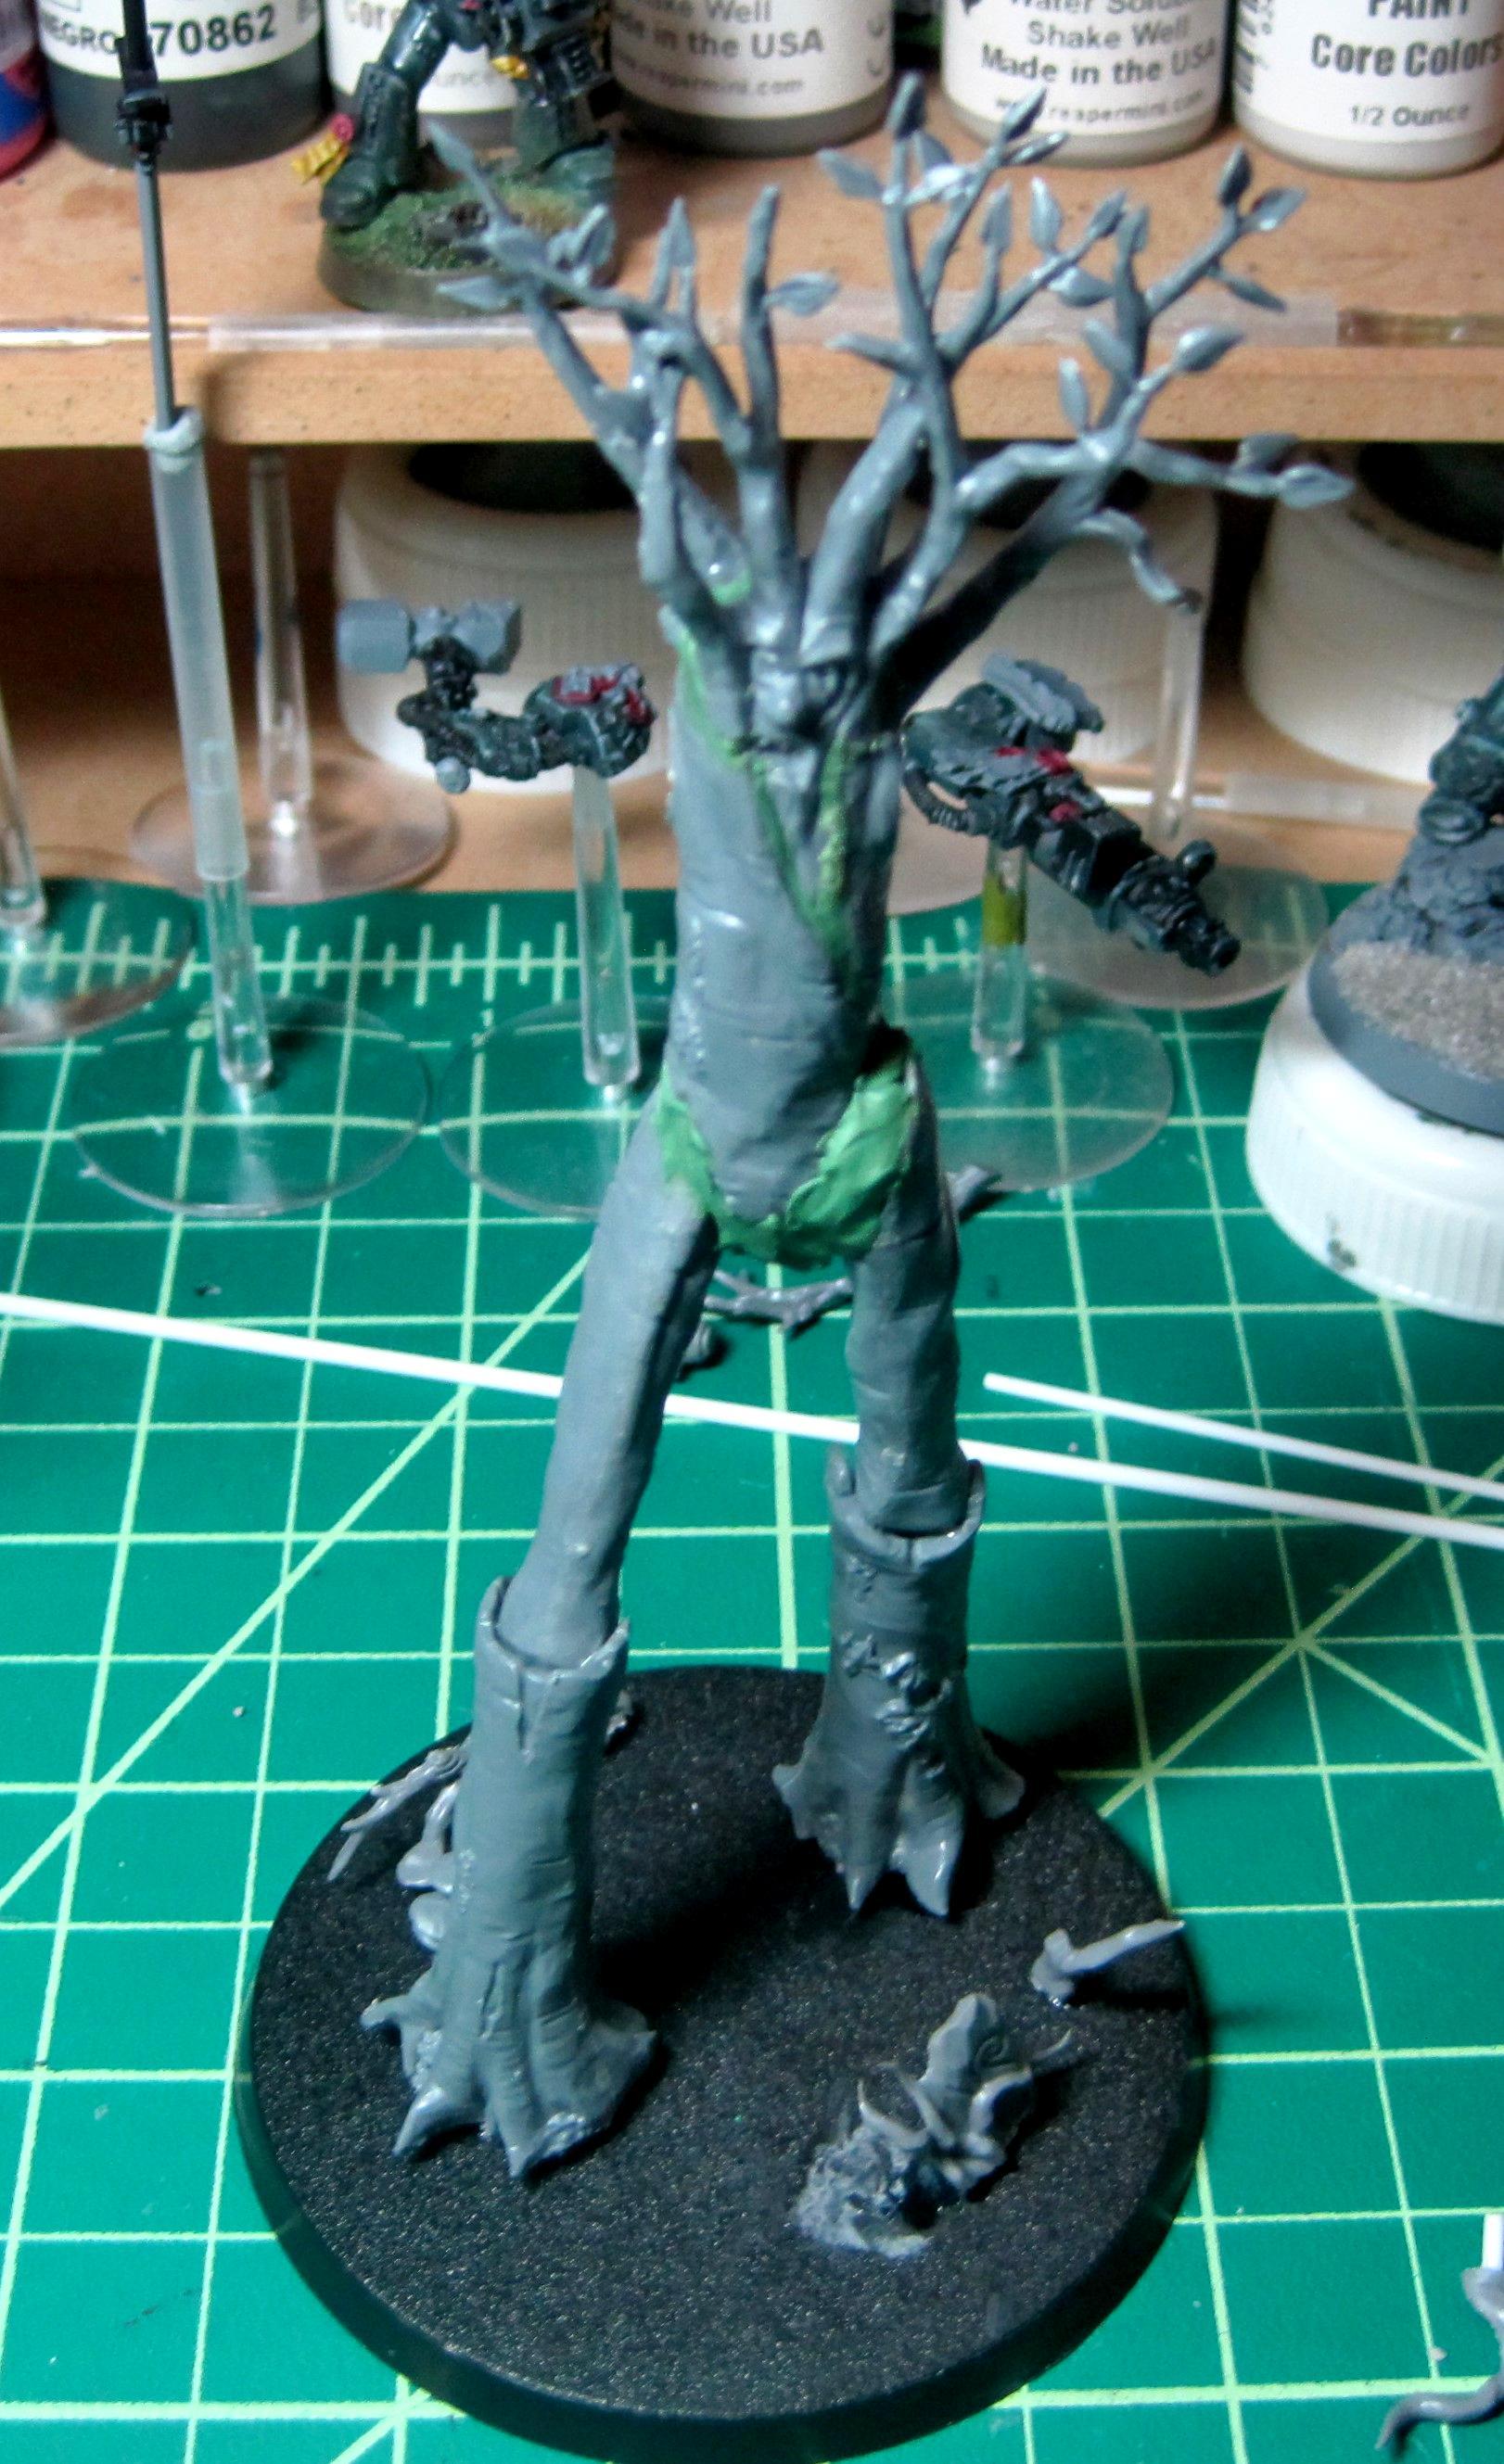 Eldar, Exodites, Treelord, Warhammer 40,000, Wood Eldar, Wraithlord